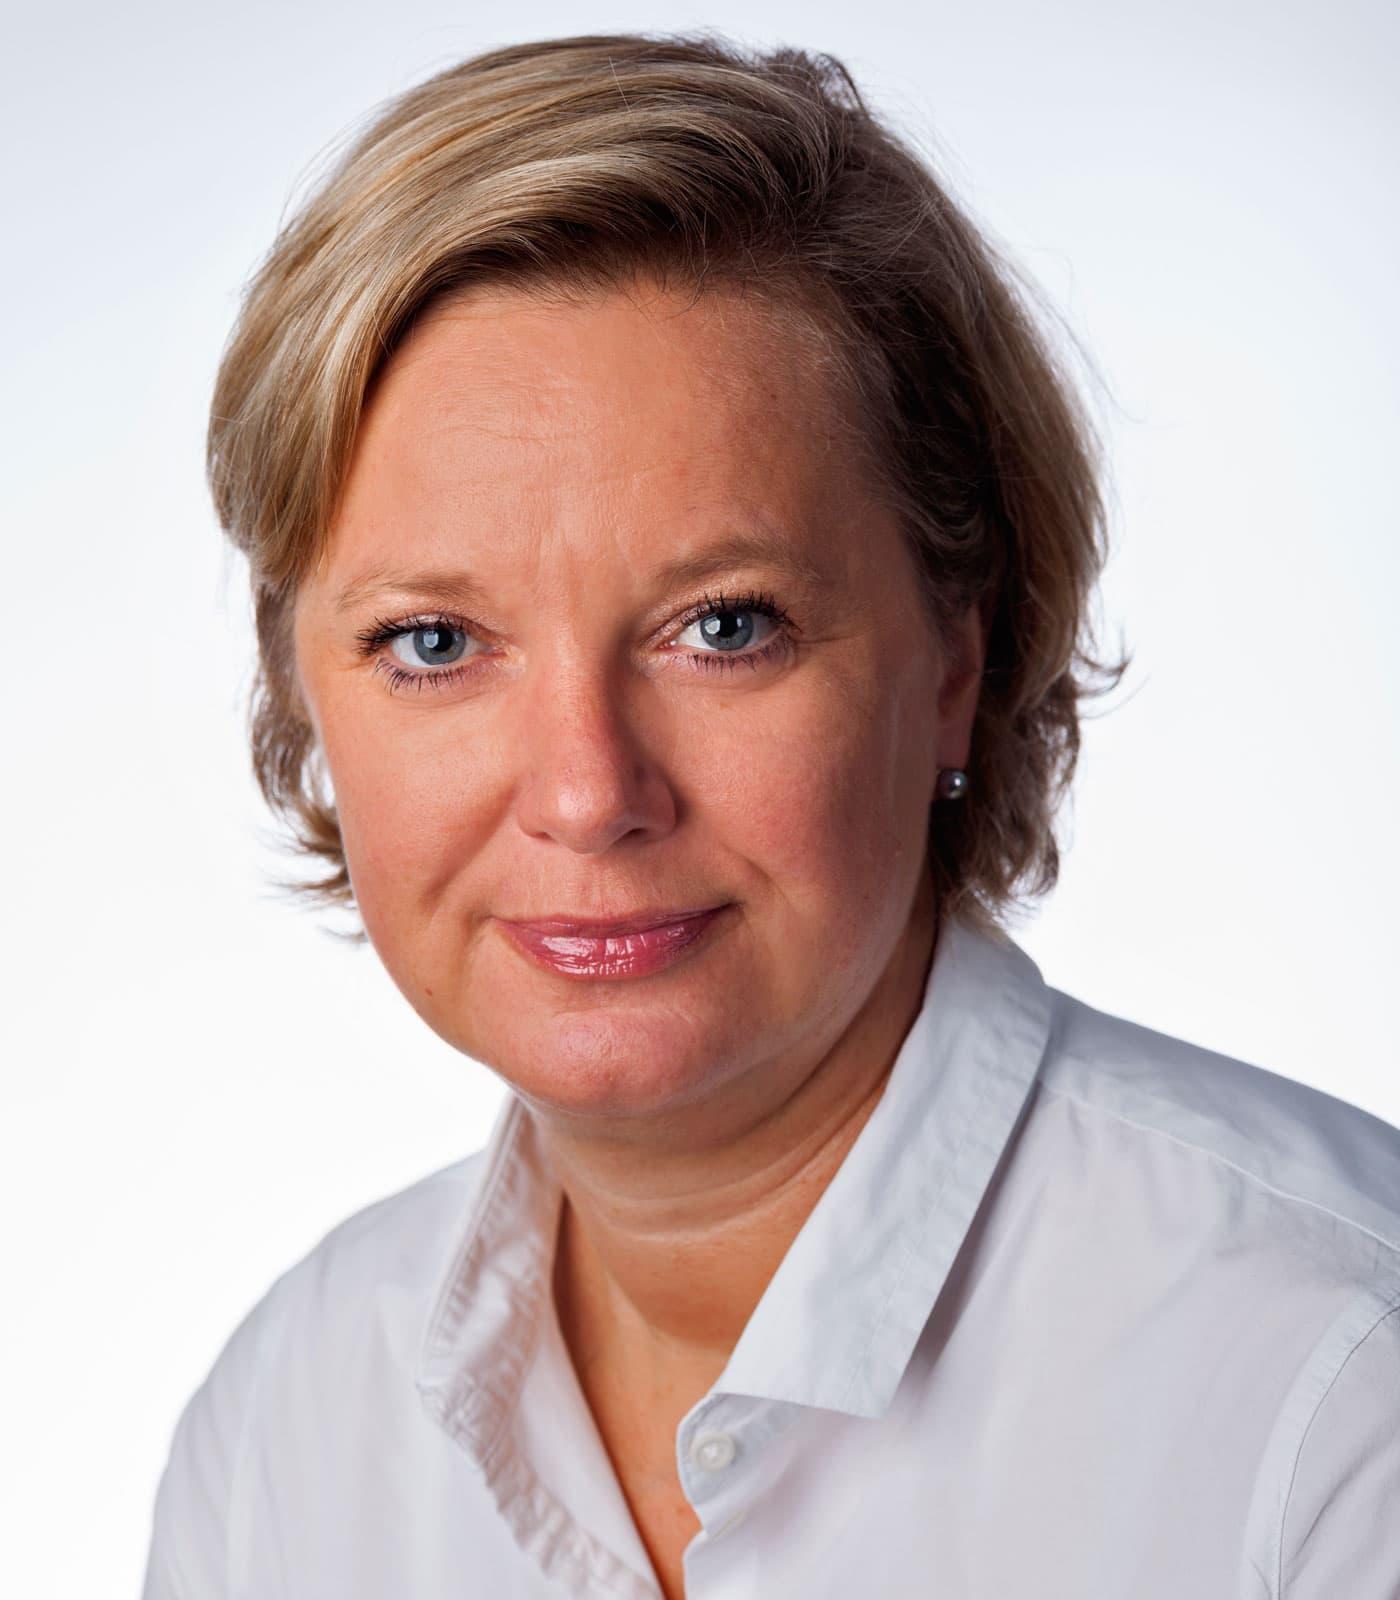 Mitglied der Geschäftsführung von wellcome Kirsten Harnisch-Eckert // HIMBEER